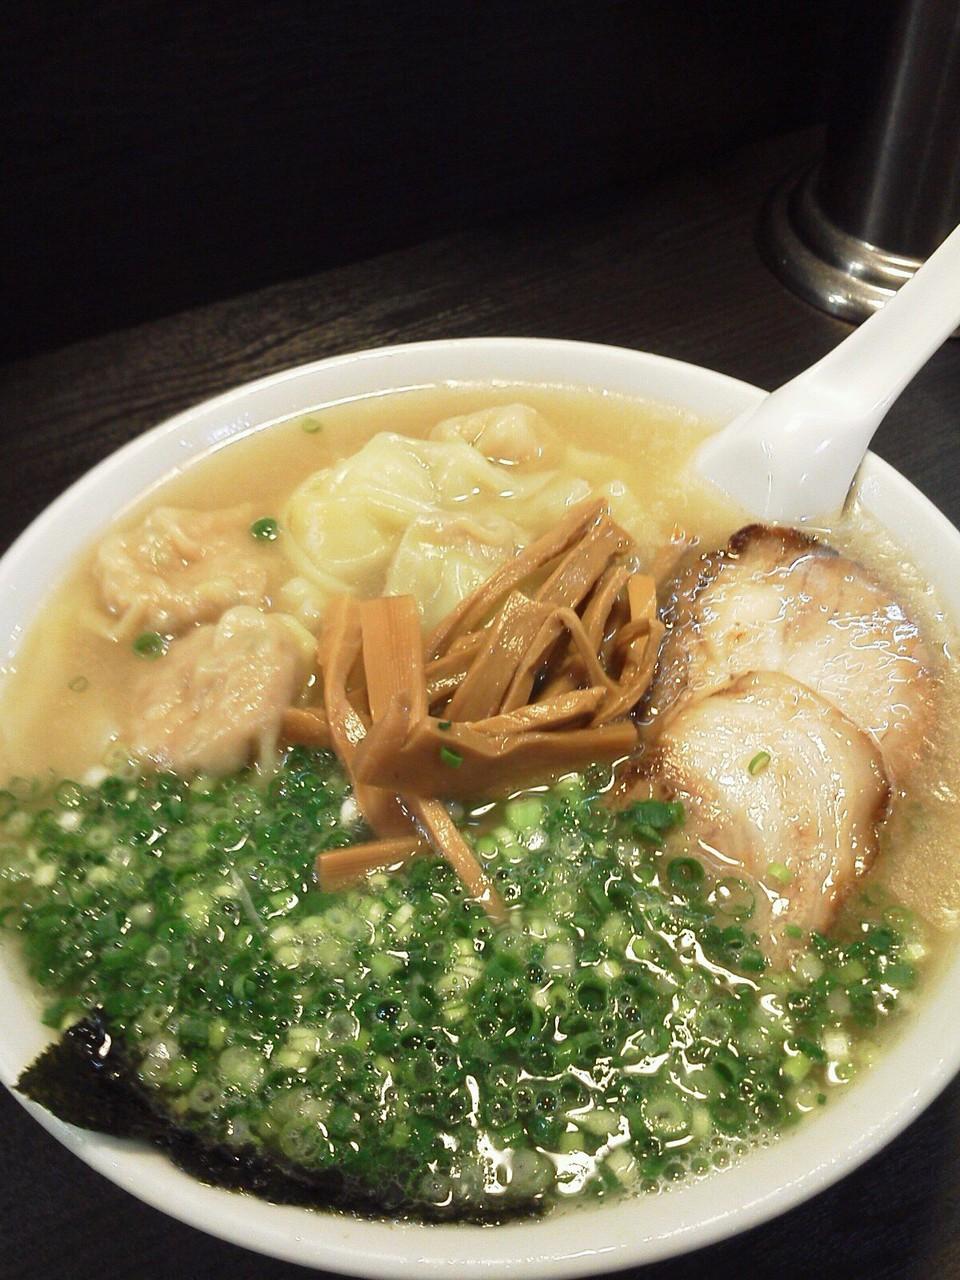 四ッ谷こうやのワンタン麺でつよぉ~! 老舗の安心できる一品でつね。 【2011年10月11日】